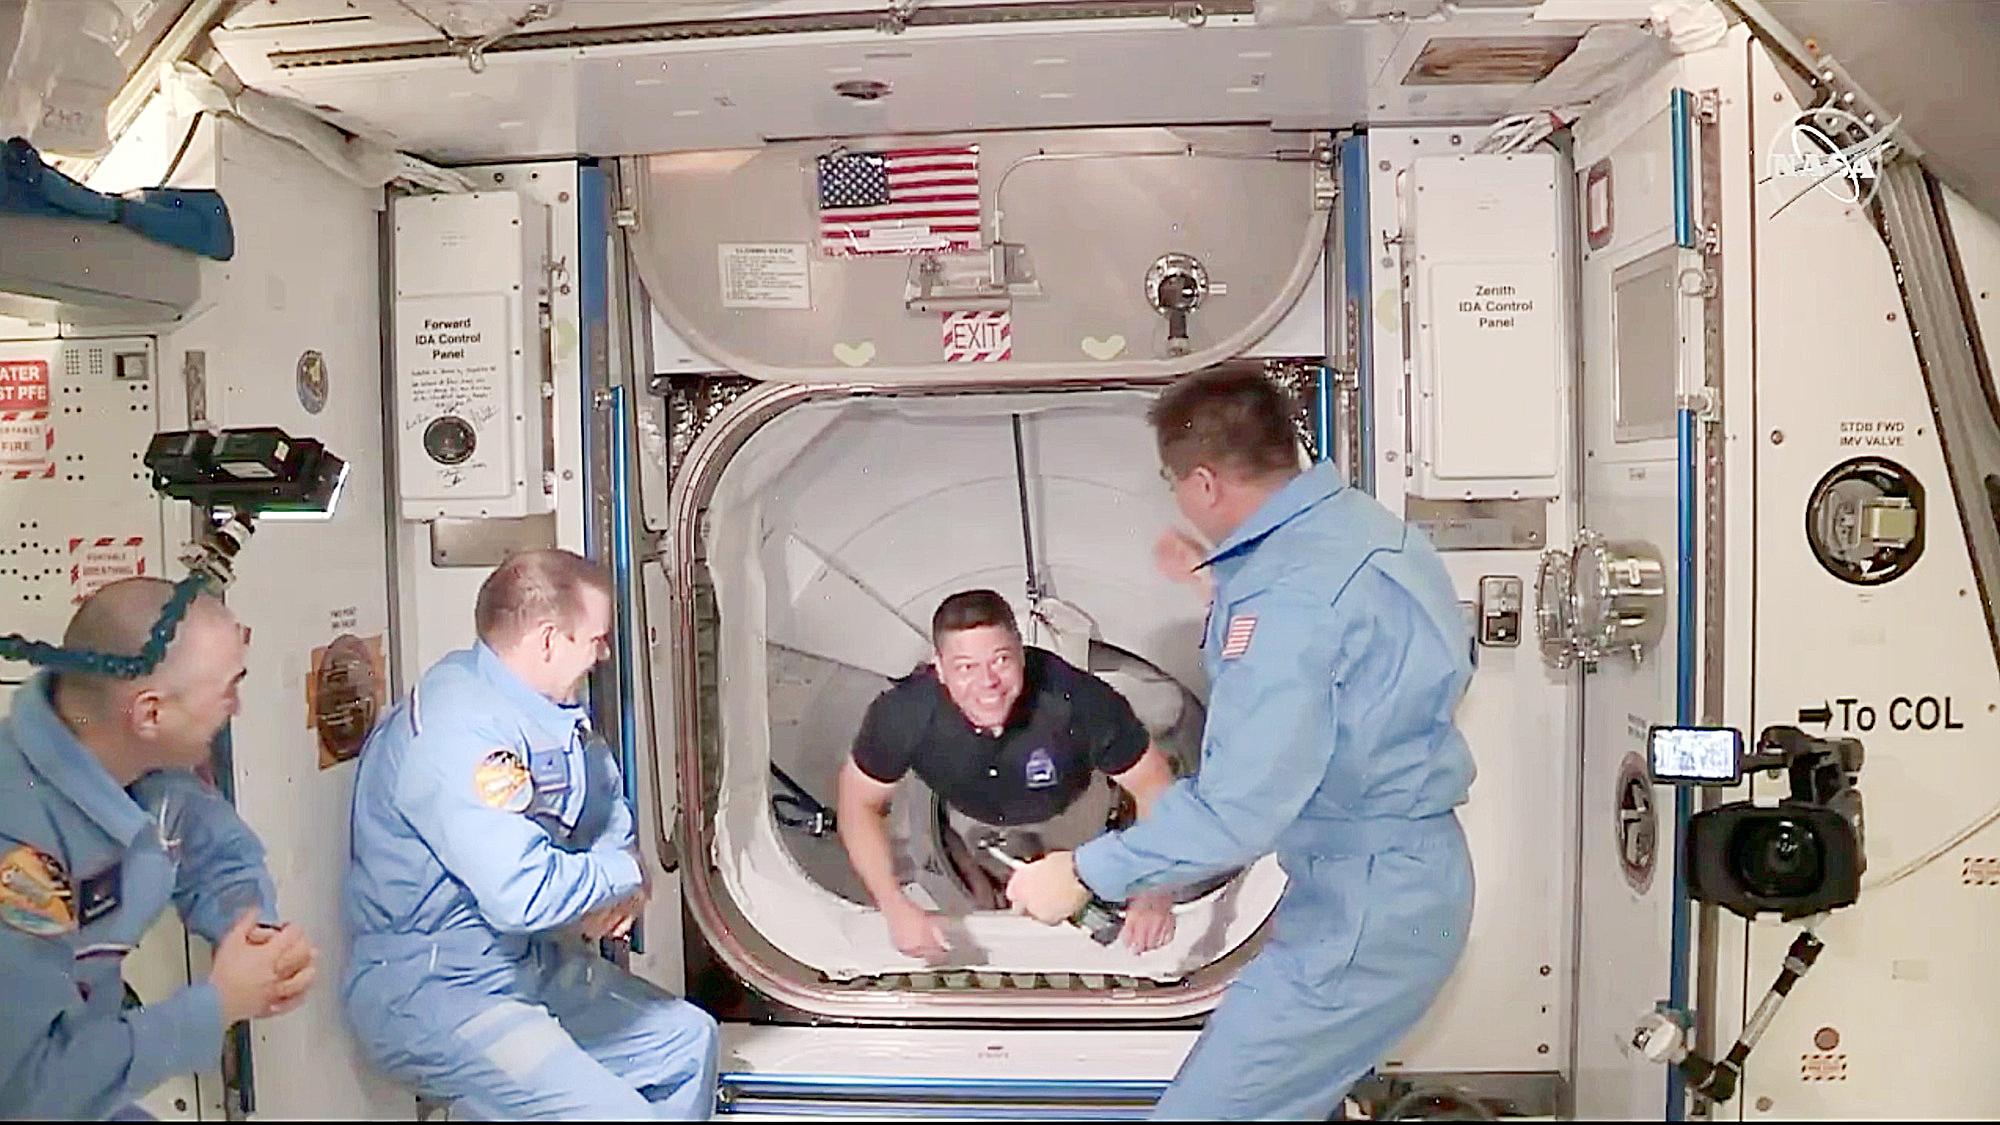 Chuyến bay đánh dấu SpaceX trở thành doanh nghiệp tư nhân đầu tiên chở phi hành gia vào vũ trụ. Trong ảnh: 2 thành viên mới từ Crew Dragon vừa đặt chân lên ISS - Ảnh: NASA